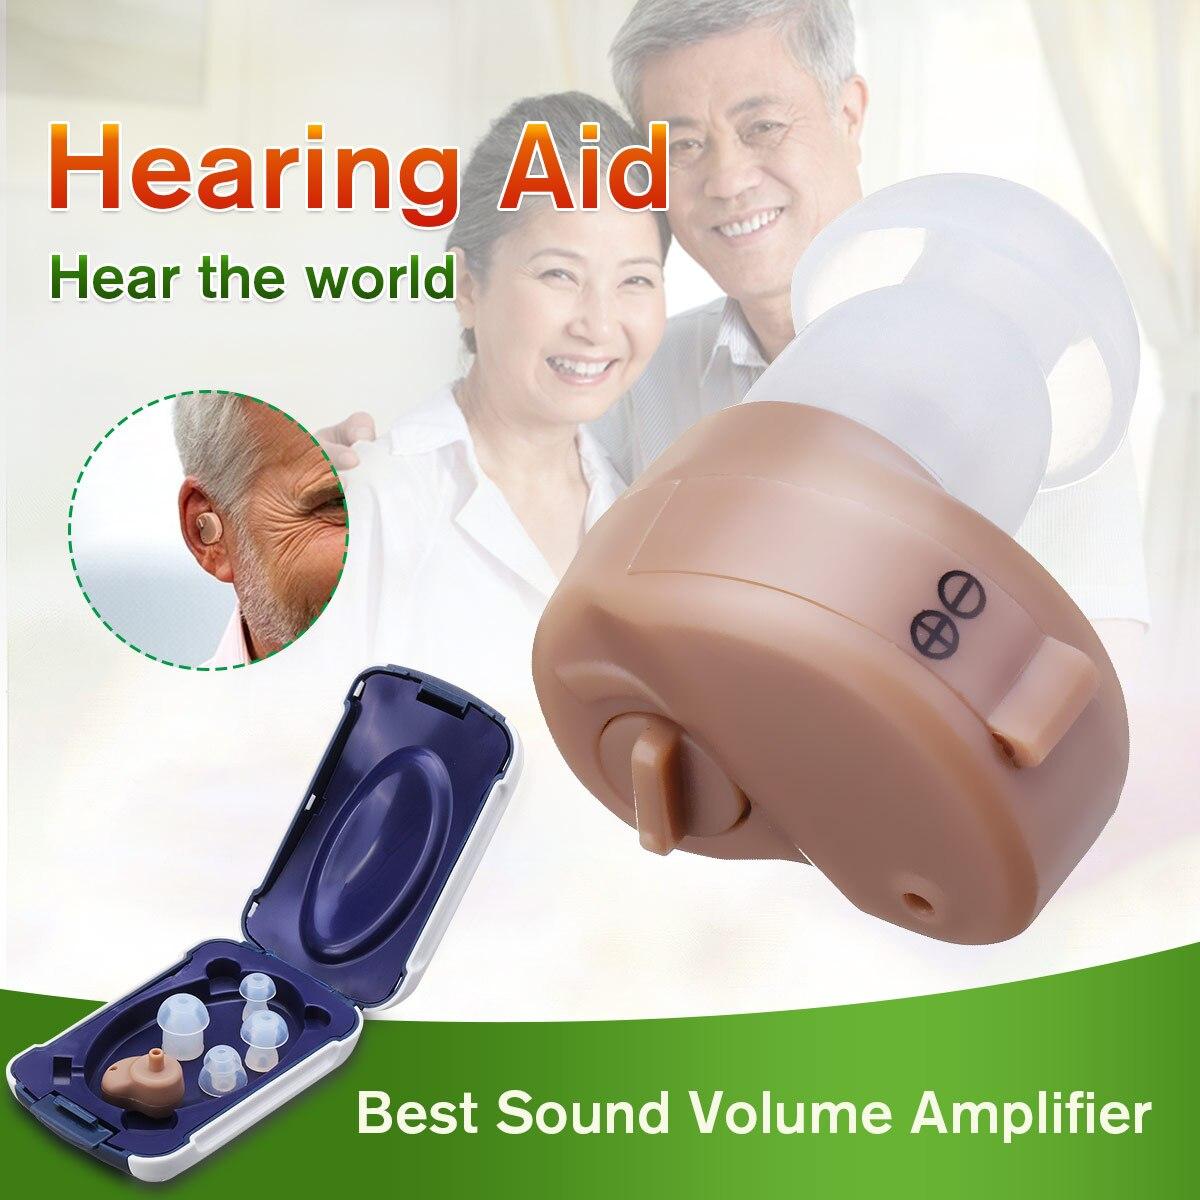 K-80 Mini ajustable Dightal tono en la oreja mejor Invisible mejora de sonido sordo volumen amplificador escuchar ayudas oído asistencia